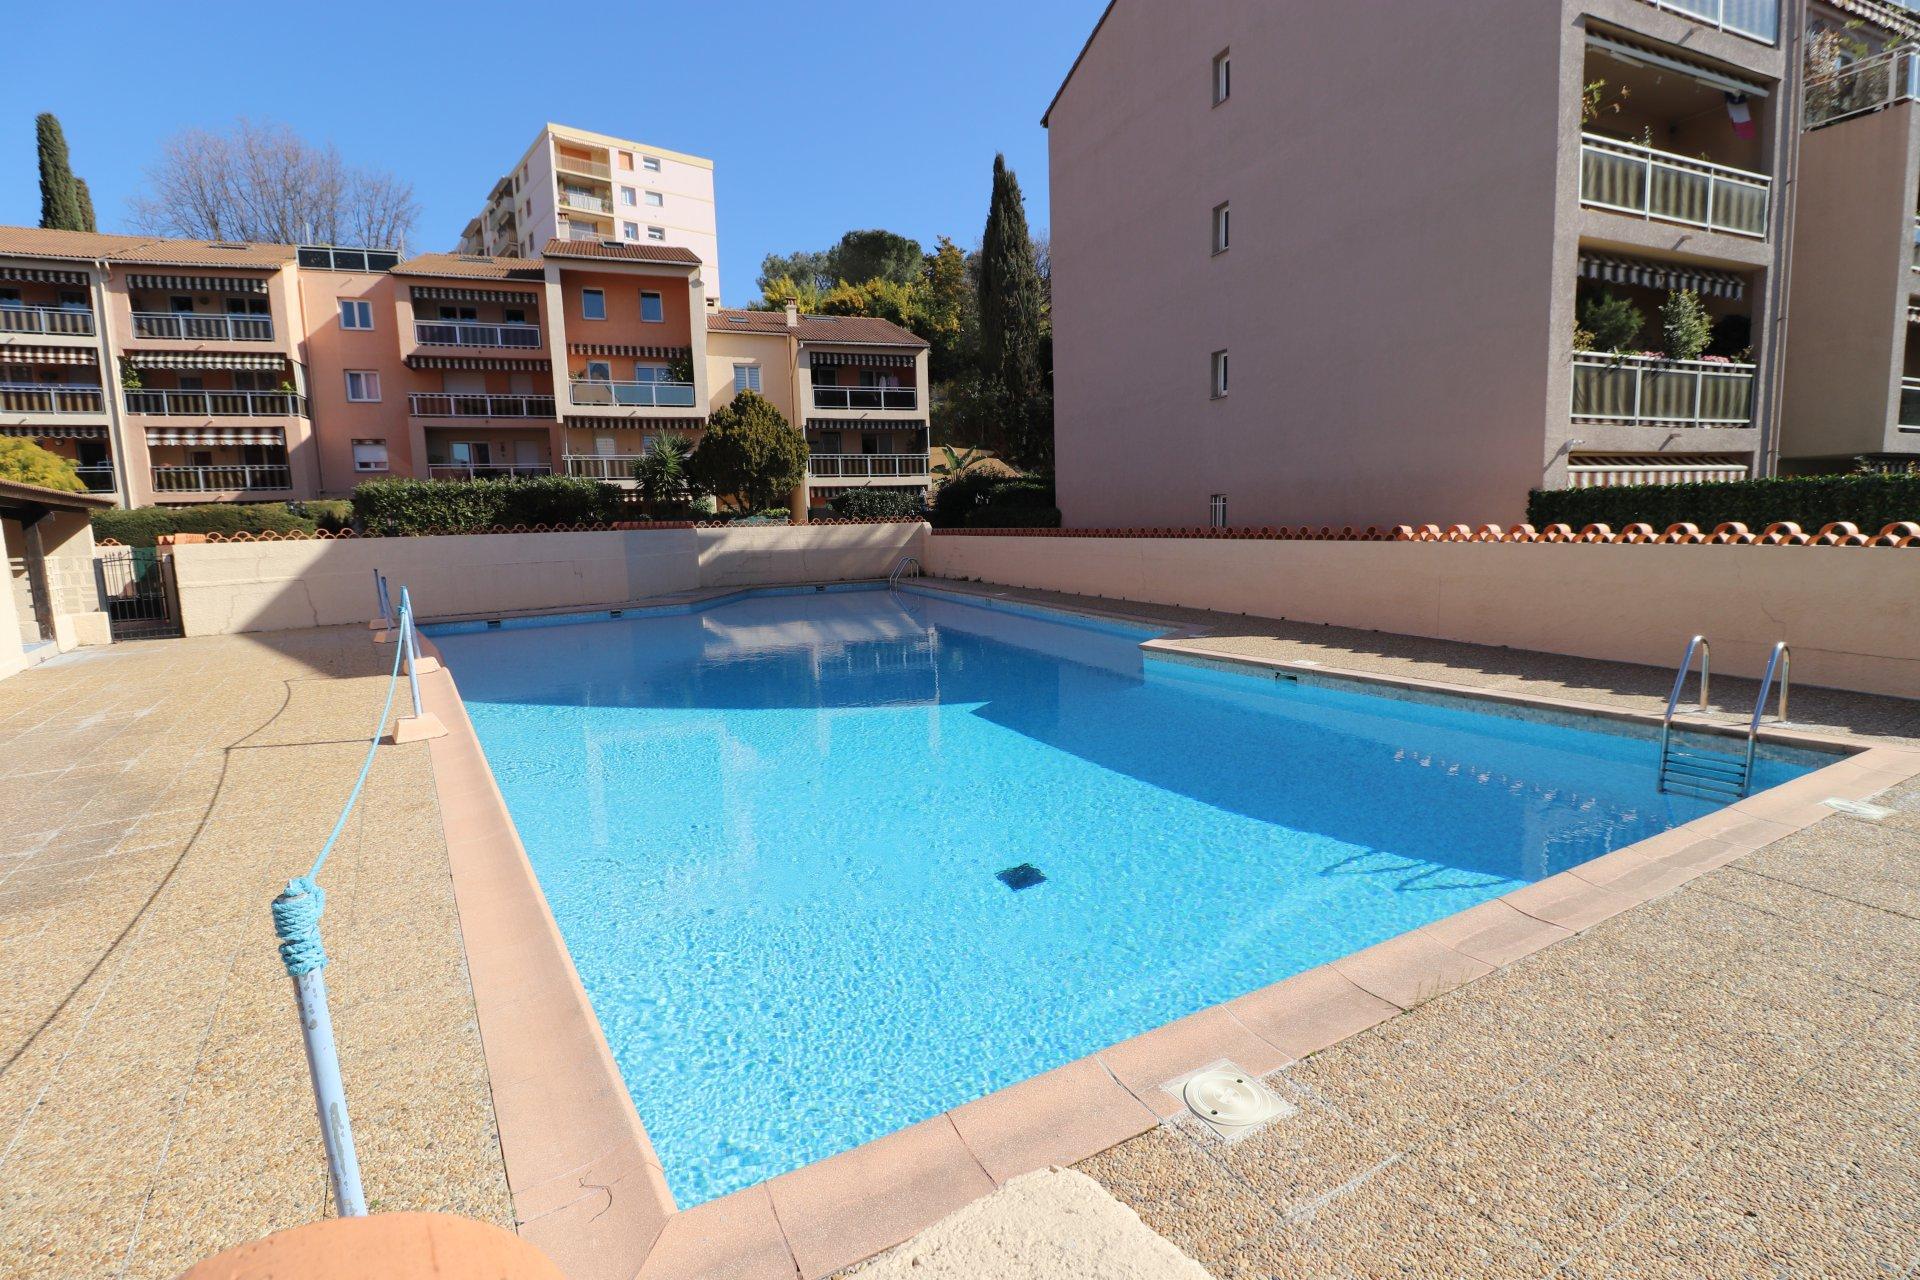 4 p terrasse balcon garage piscine tennis